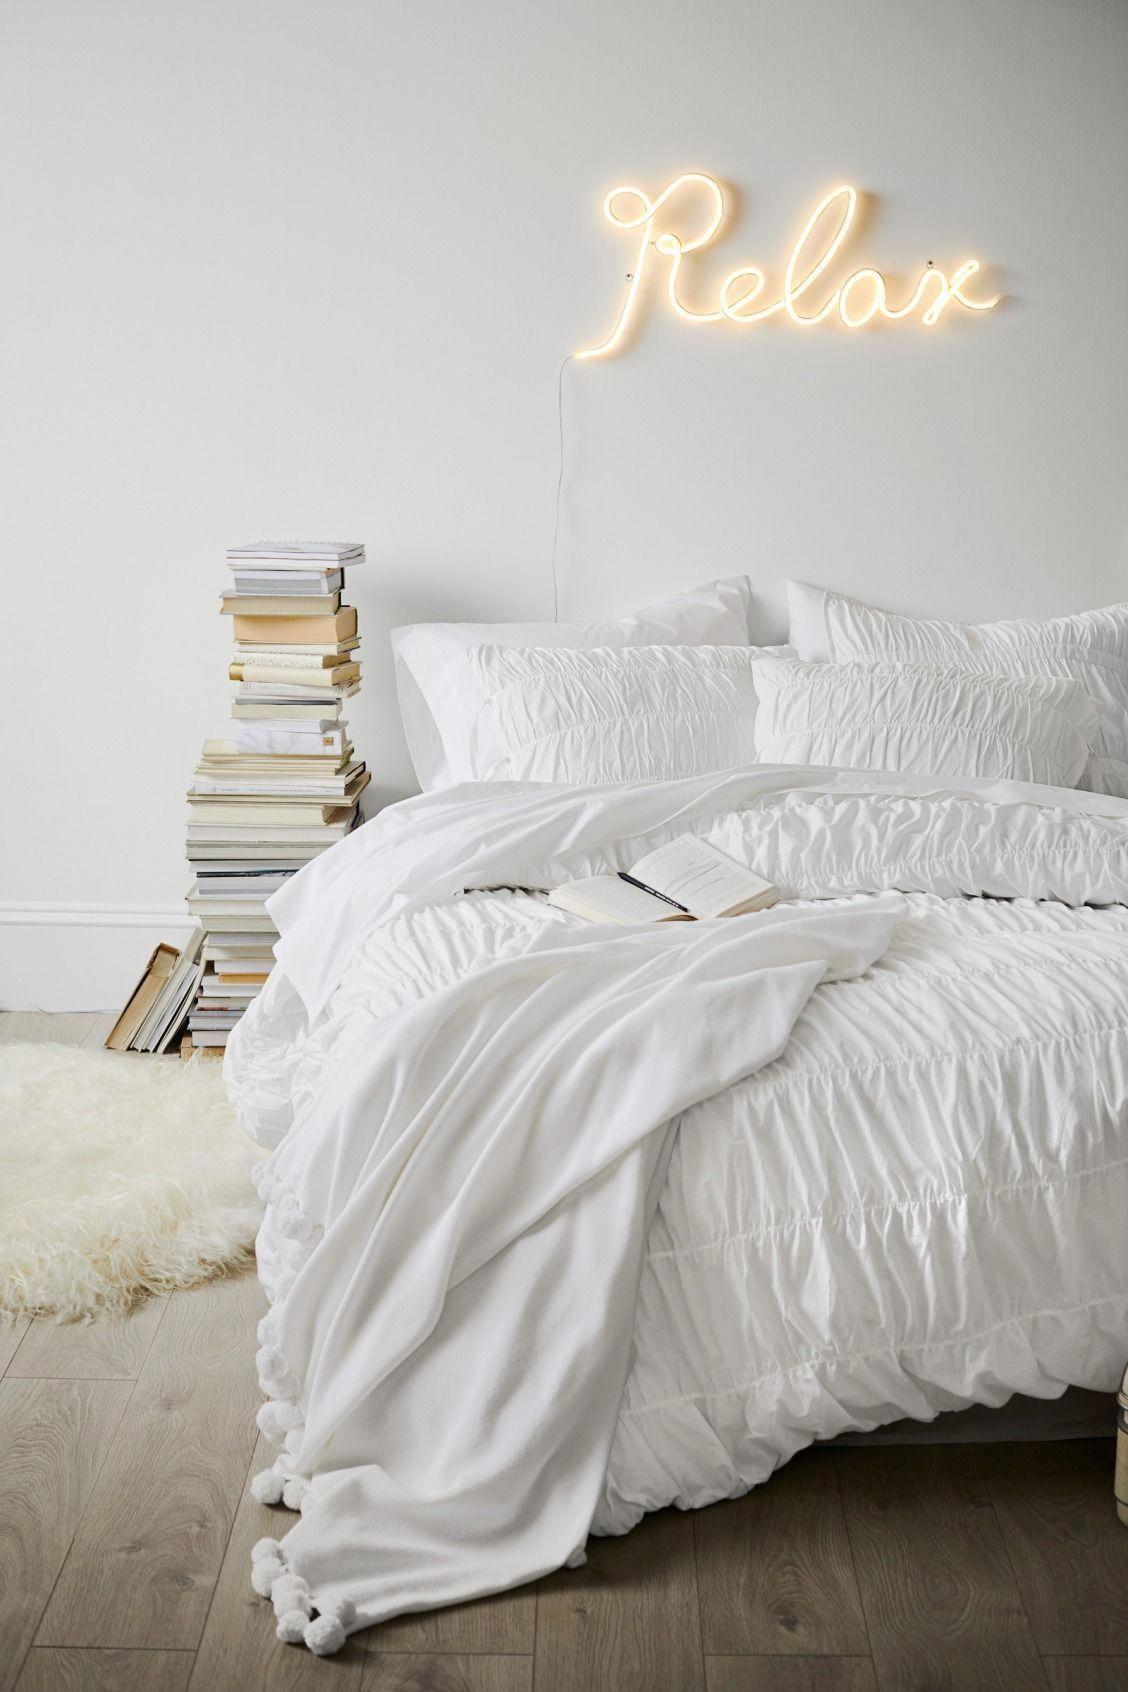 néon jaune déco chambre zen cosy blanche parquet bois gris tapis fourrure cadeau fille ado